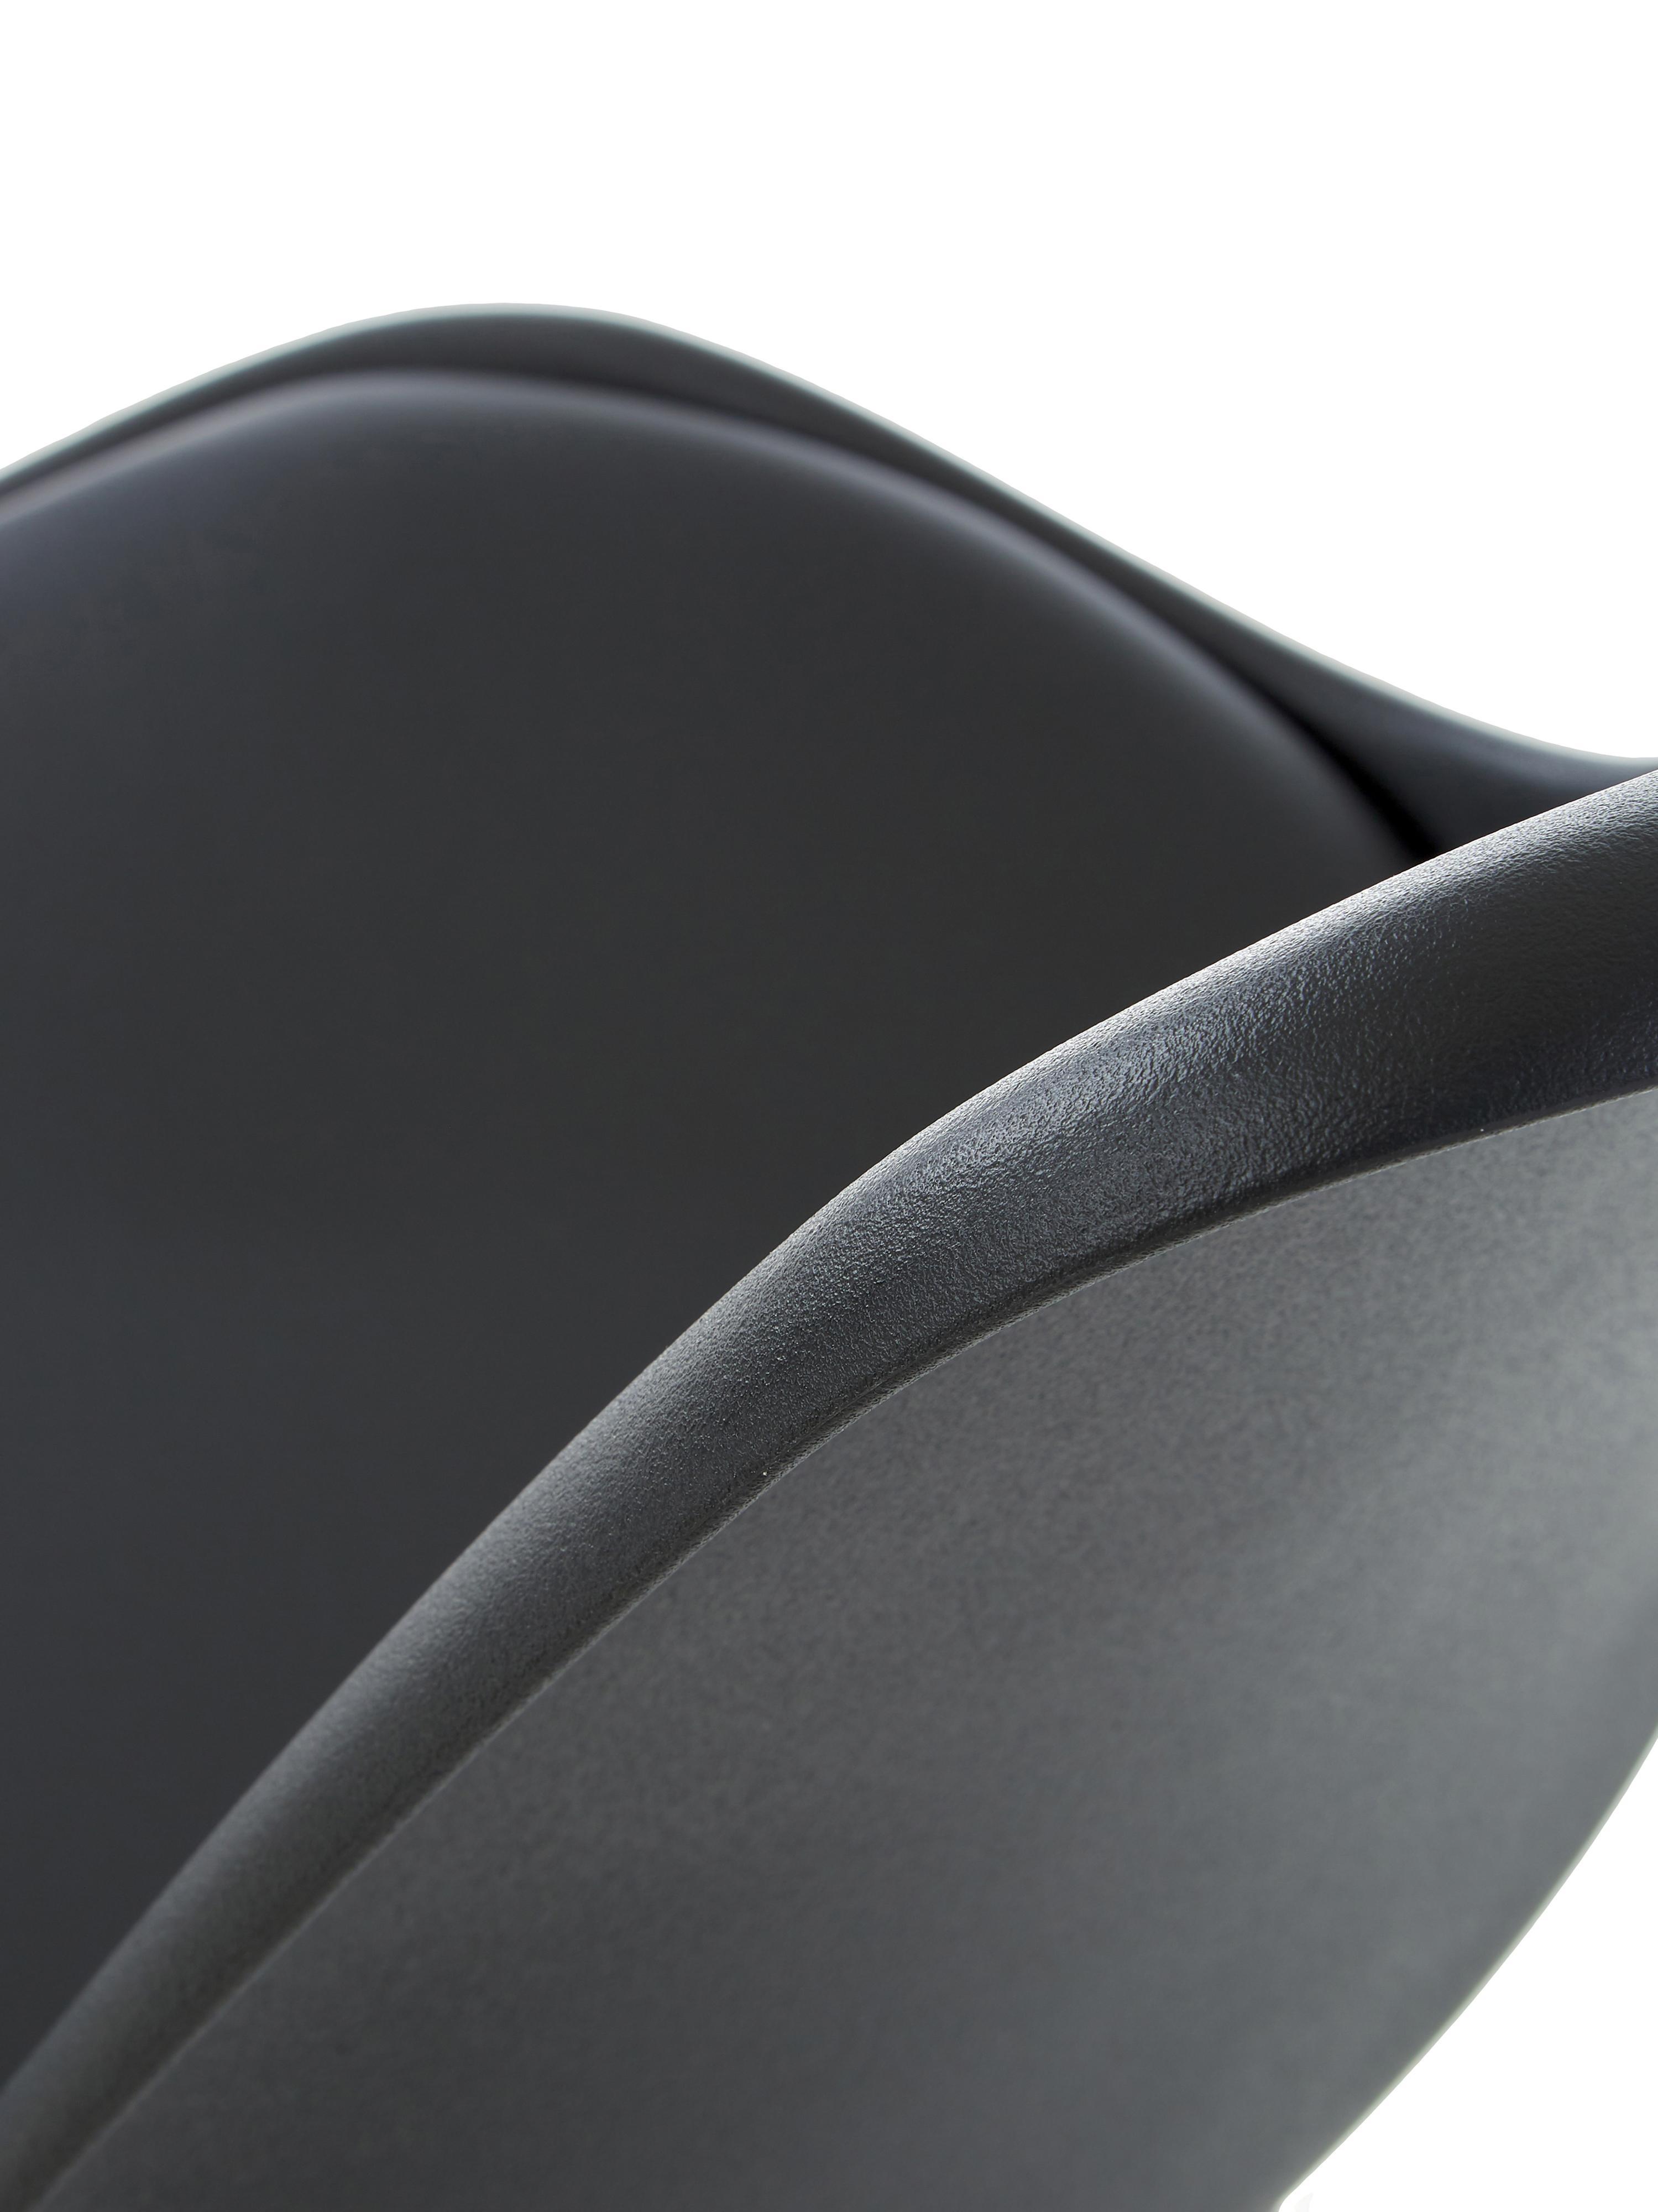 Esszimmerstühle Elin, 2 Stück, Sitzschale: Kunststoff, Bezug: Kunstleder (100% Polyuret, Beine: Gummibaumholz, lackiert, Schwarz, B 49 x T 42 cm